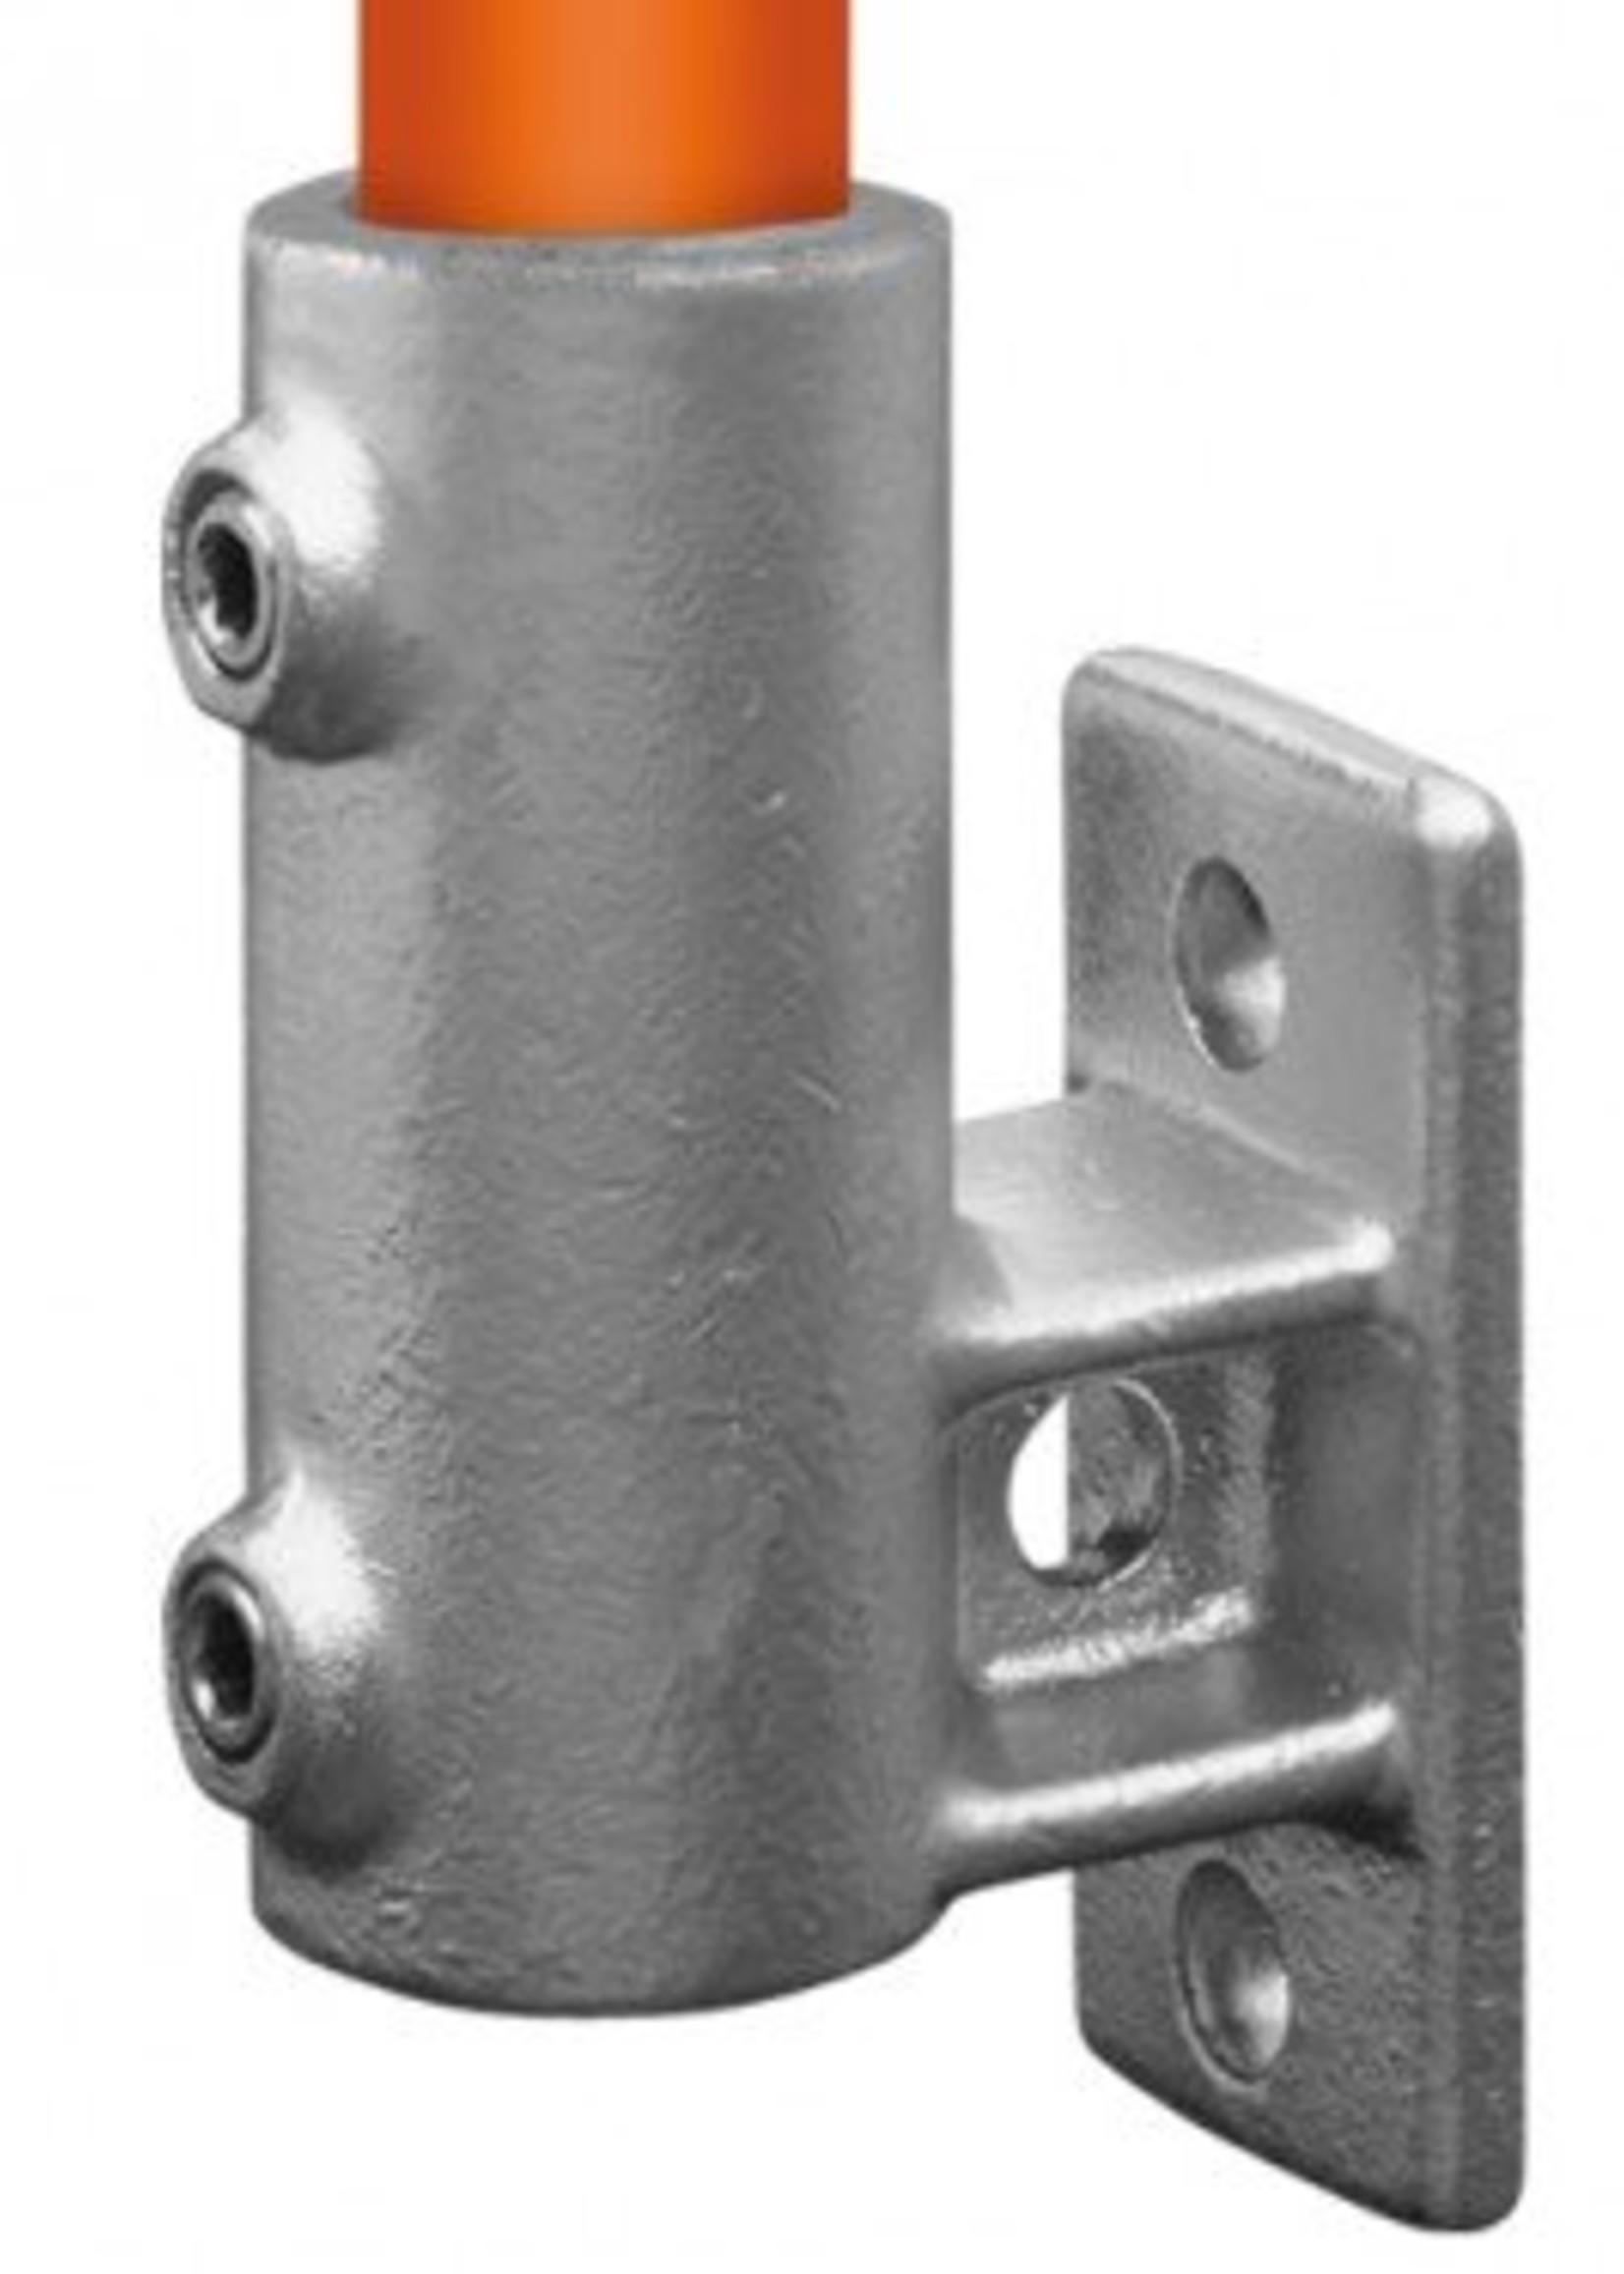 Easyclamp Type 14: boeiboordbevestiging verticaal